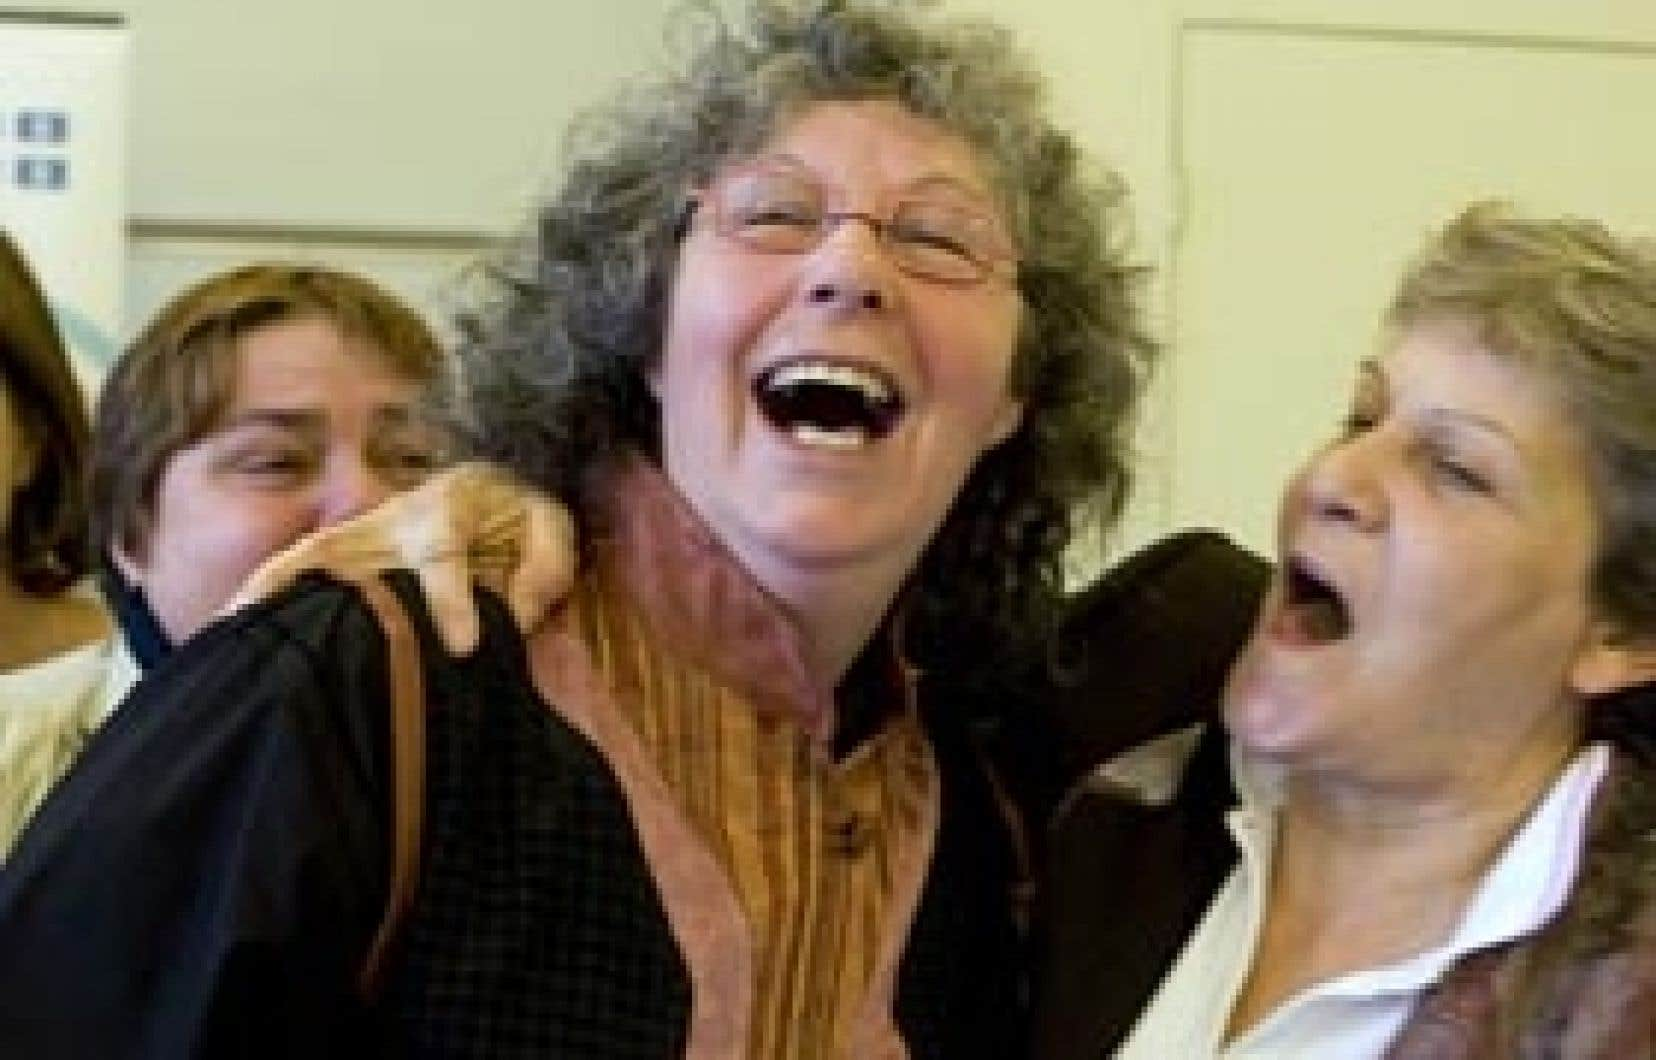 Diane Heffernan, coordonnatrice du Réseau des lesbiennes du Québec, et Diane Bordeleau participaient hier à une conférence de presse sur la sensibilisation à l'homosexualité dans les centres d'accueil du Québec.